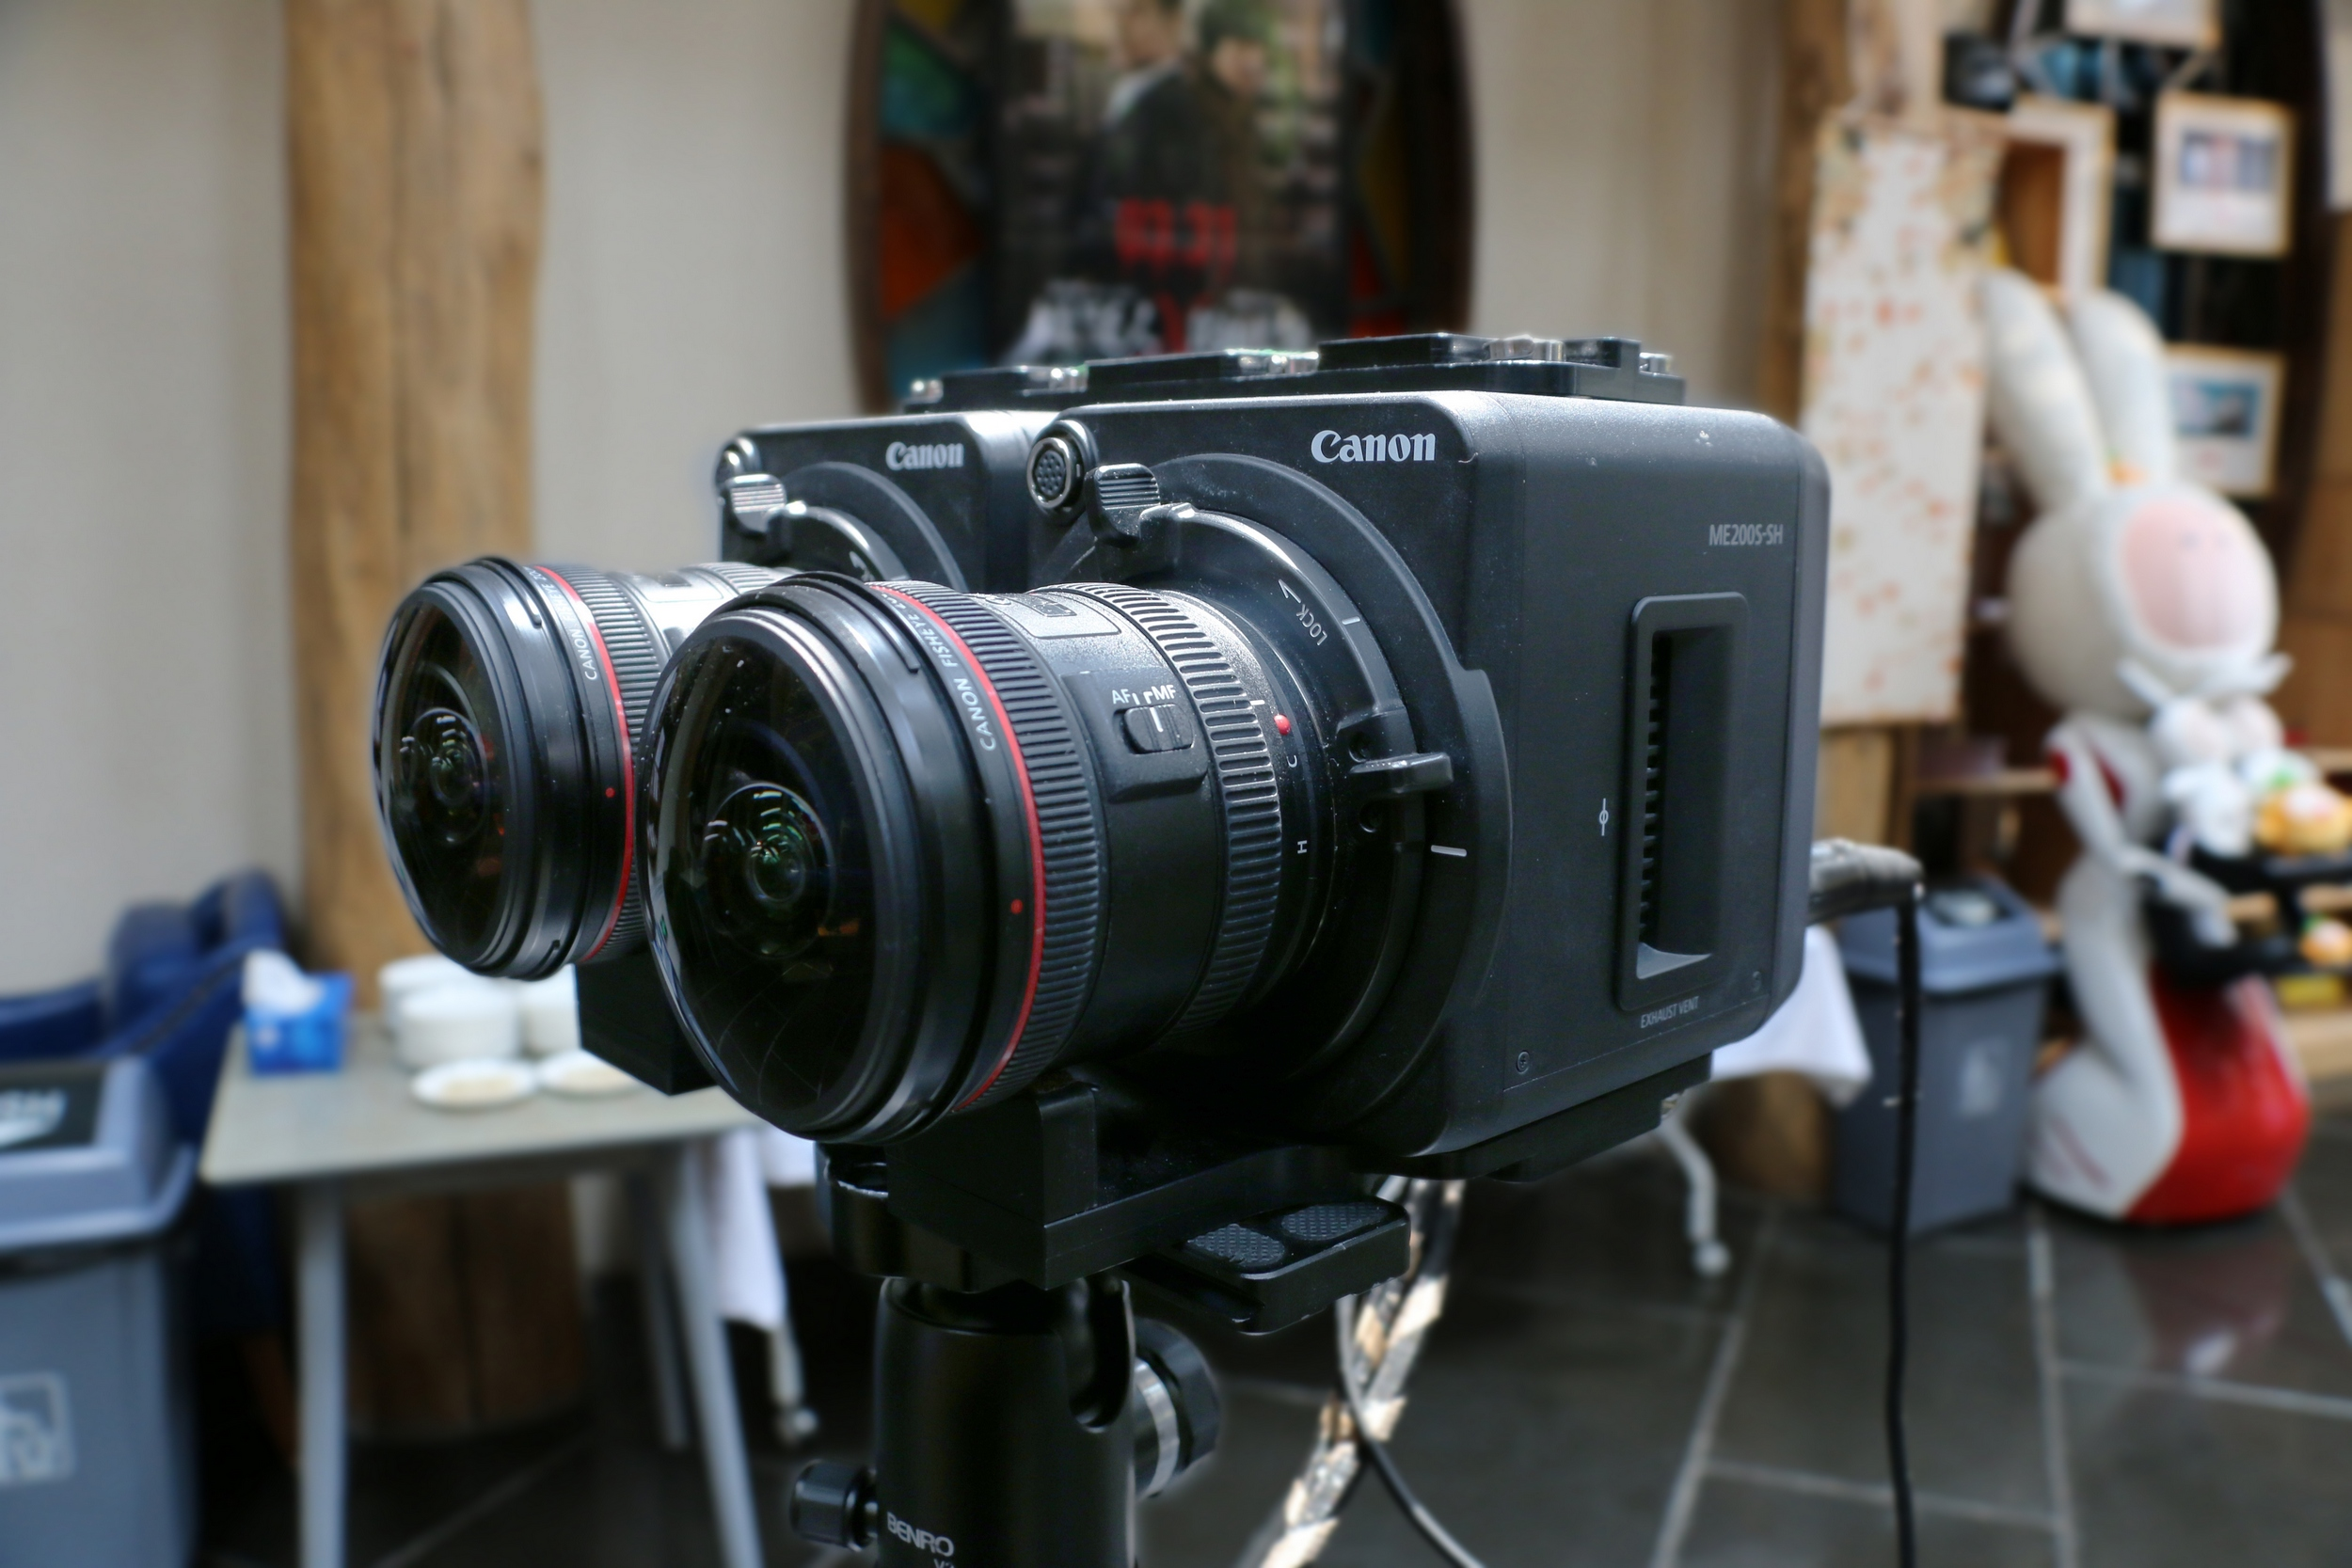 04 佳能ME200S-SH被应用于180°立体拍摄的全流程专业级VR解决方案.jpg